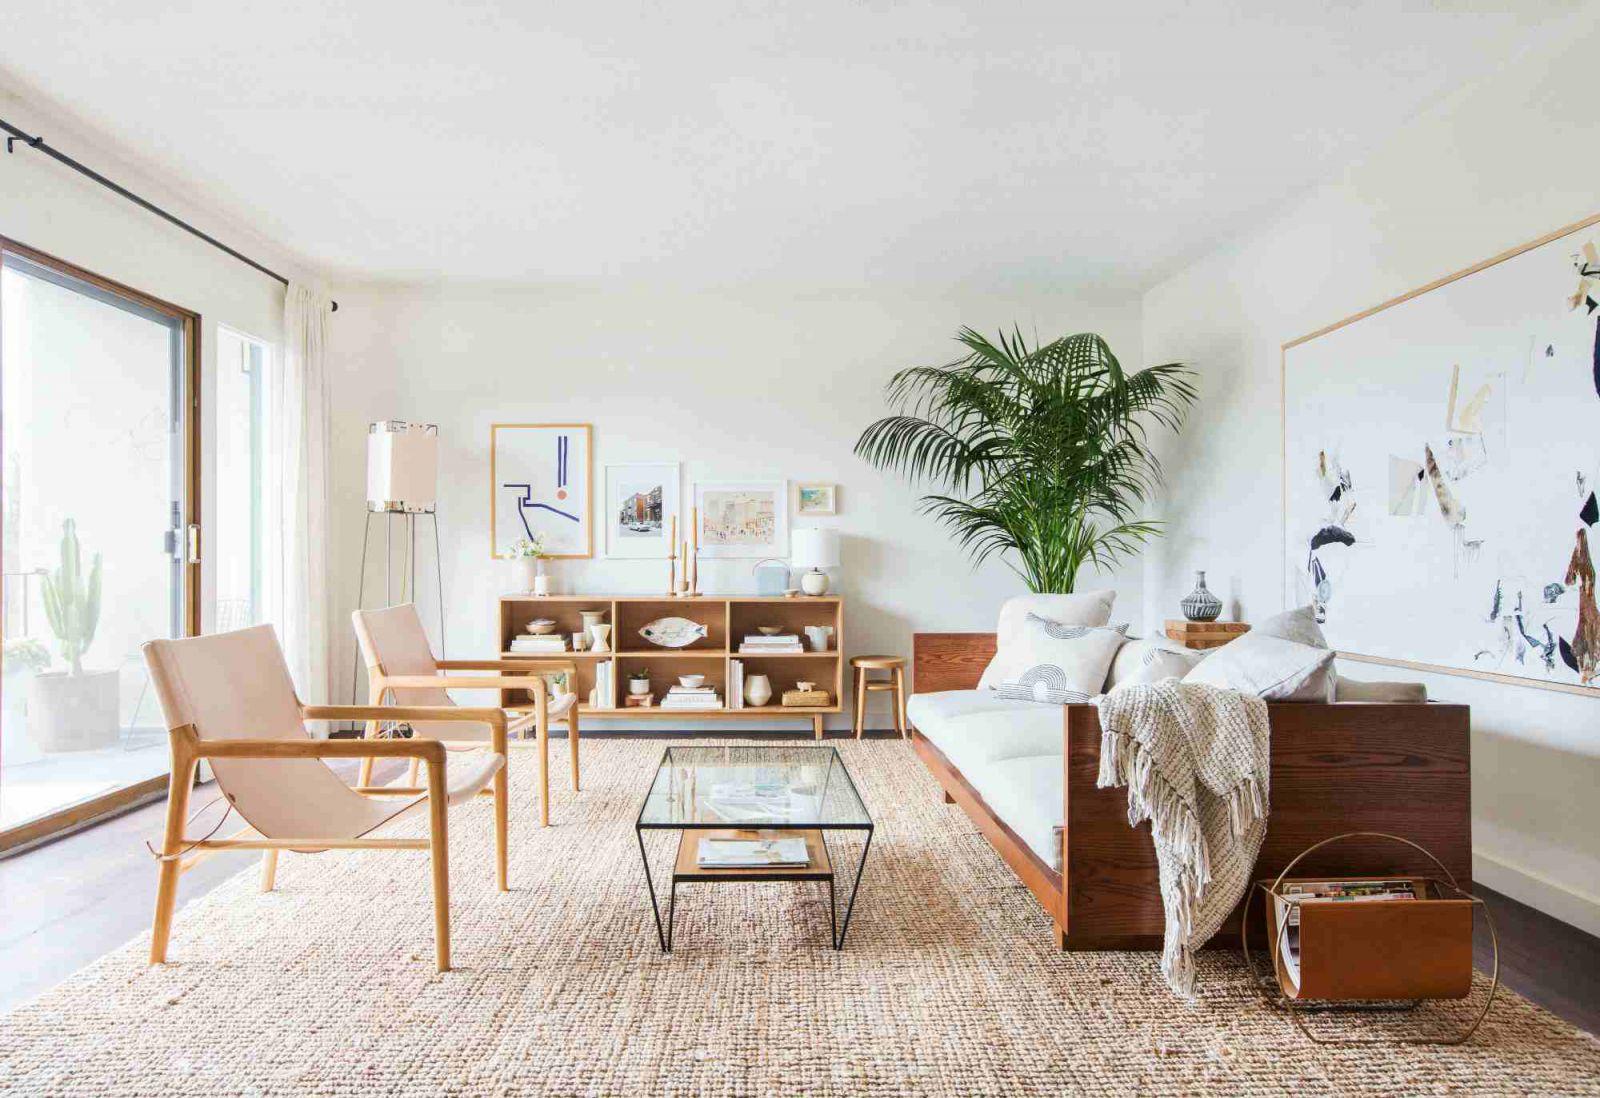 Thảm trải sàn phòng khách và cách trang trí trưng bày đẹp nhất